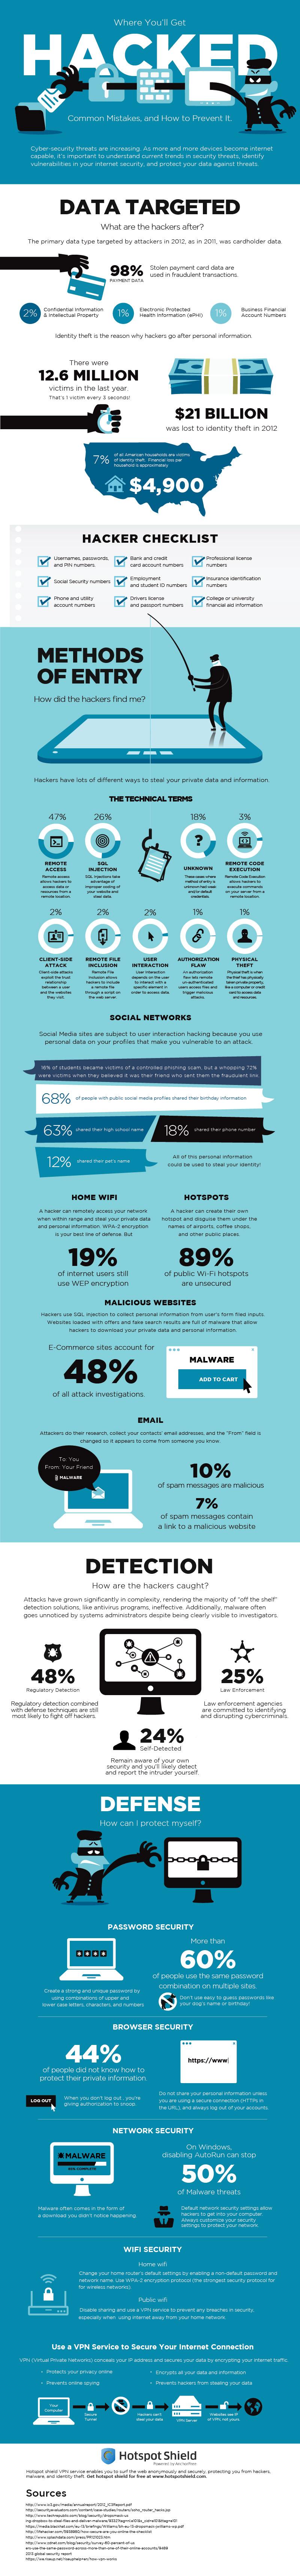 Actualidad Informática. Infografía sobre Hackers. Rafael Barzanallana. UMU